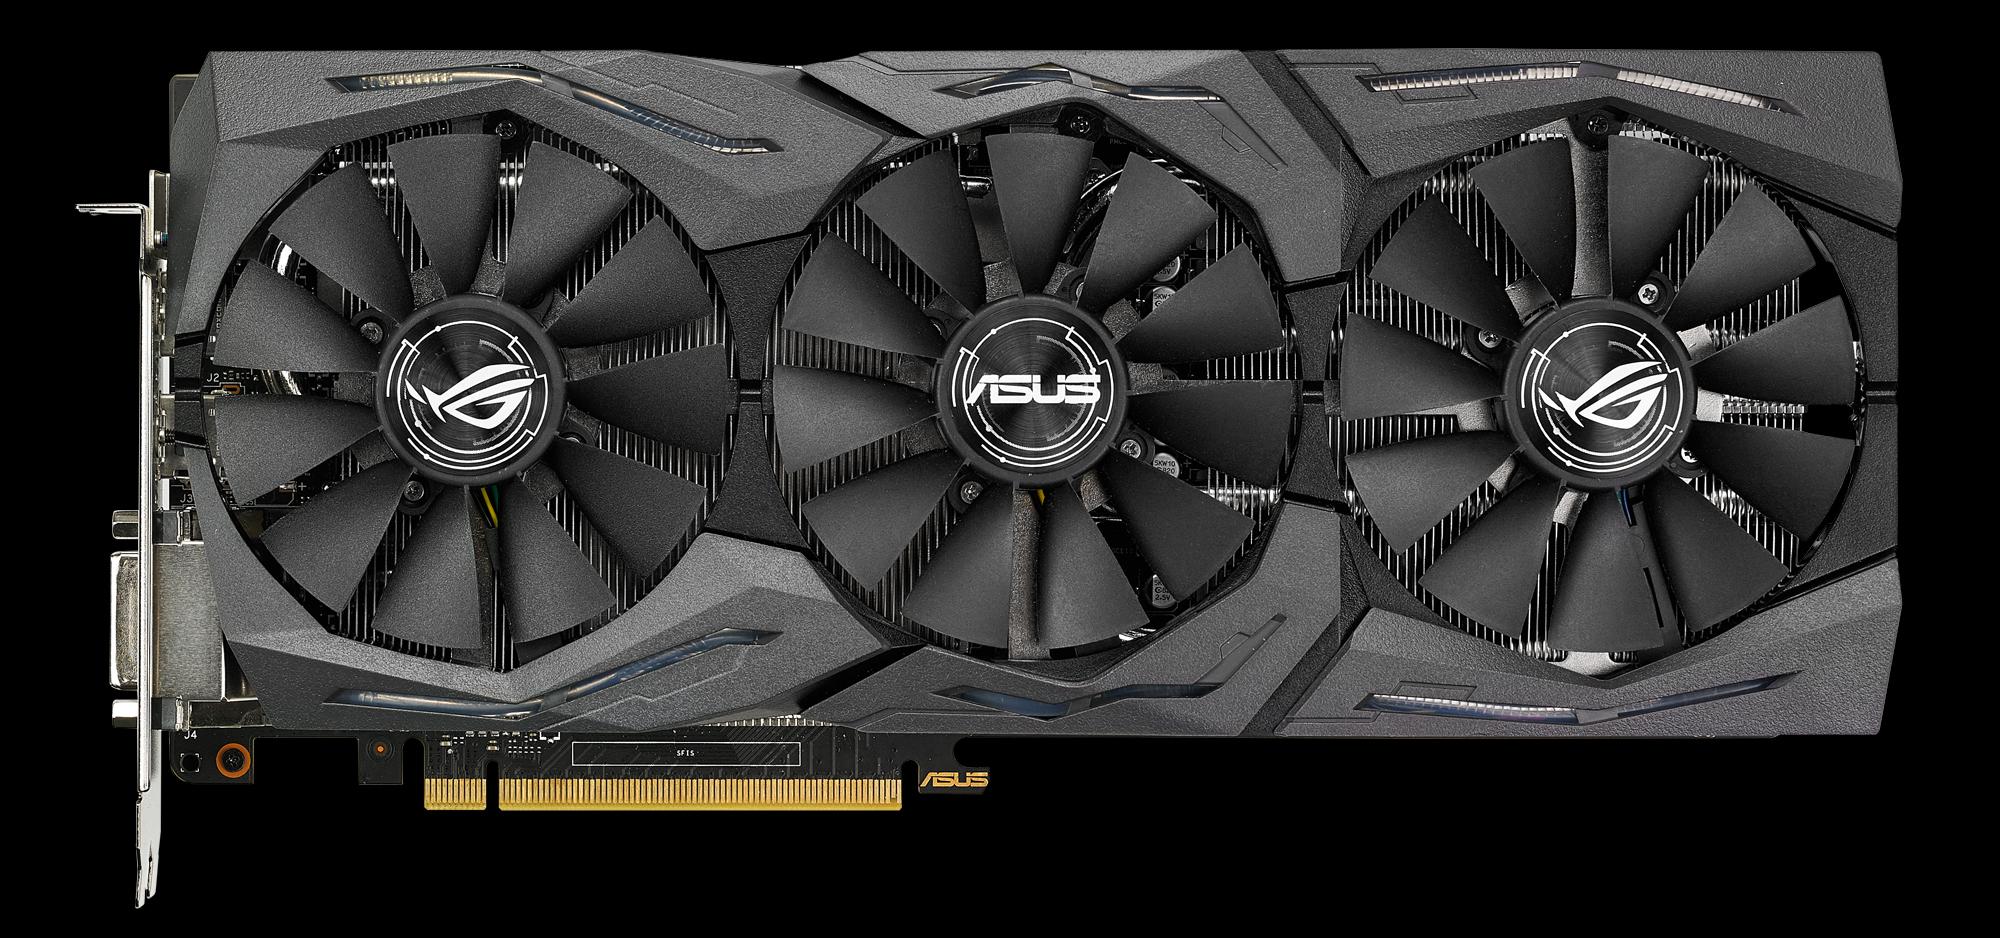 ASUS-ROG-STRIX-GeForce-GTX-1080_1.jpg